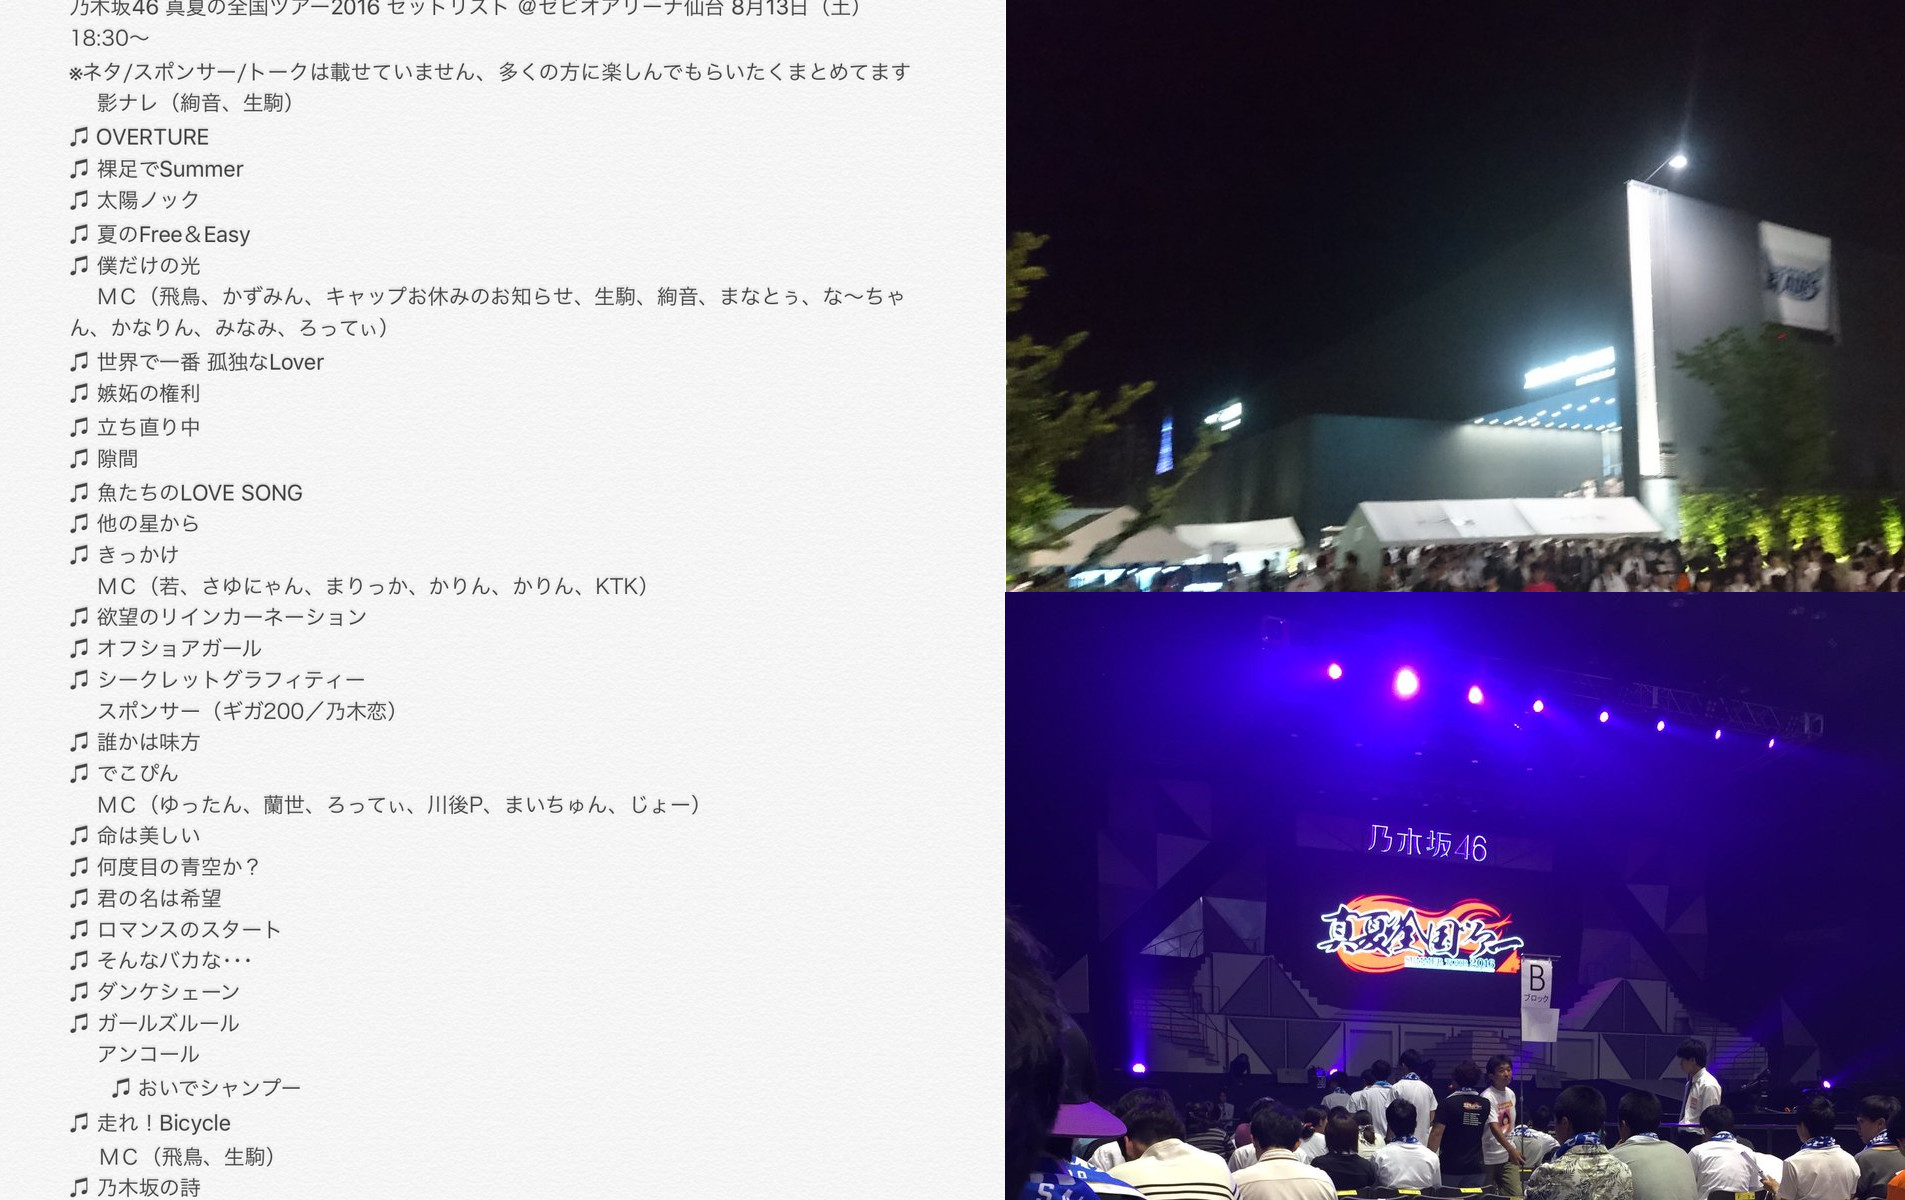 【エンタメ画像】《乃木坂46》『真夏の全国ツアー2016@ゼビオアリーナ』初日【2016/08/13】セトリ・レポまとめ